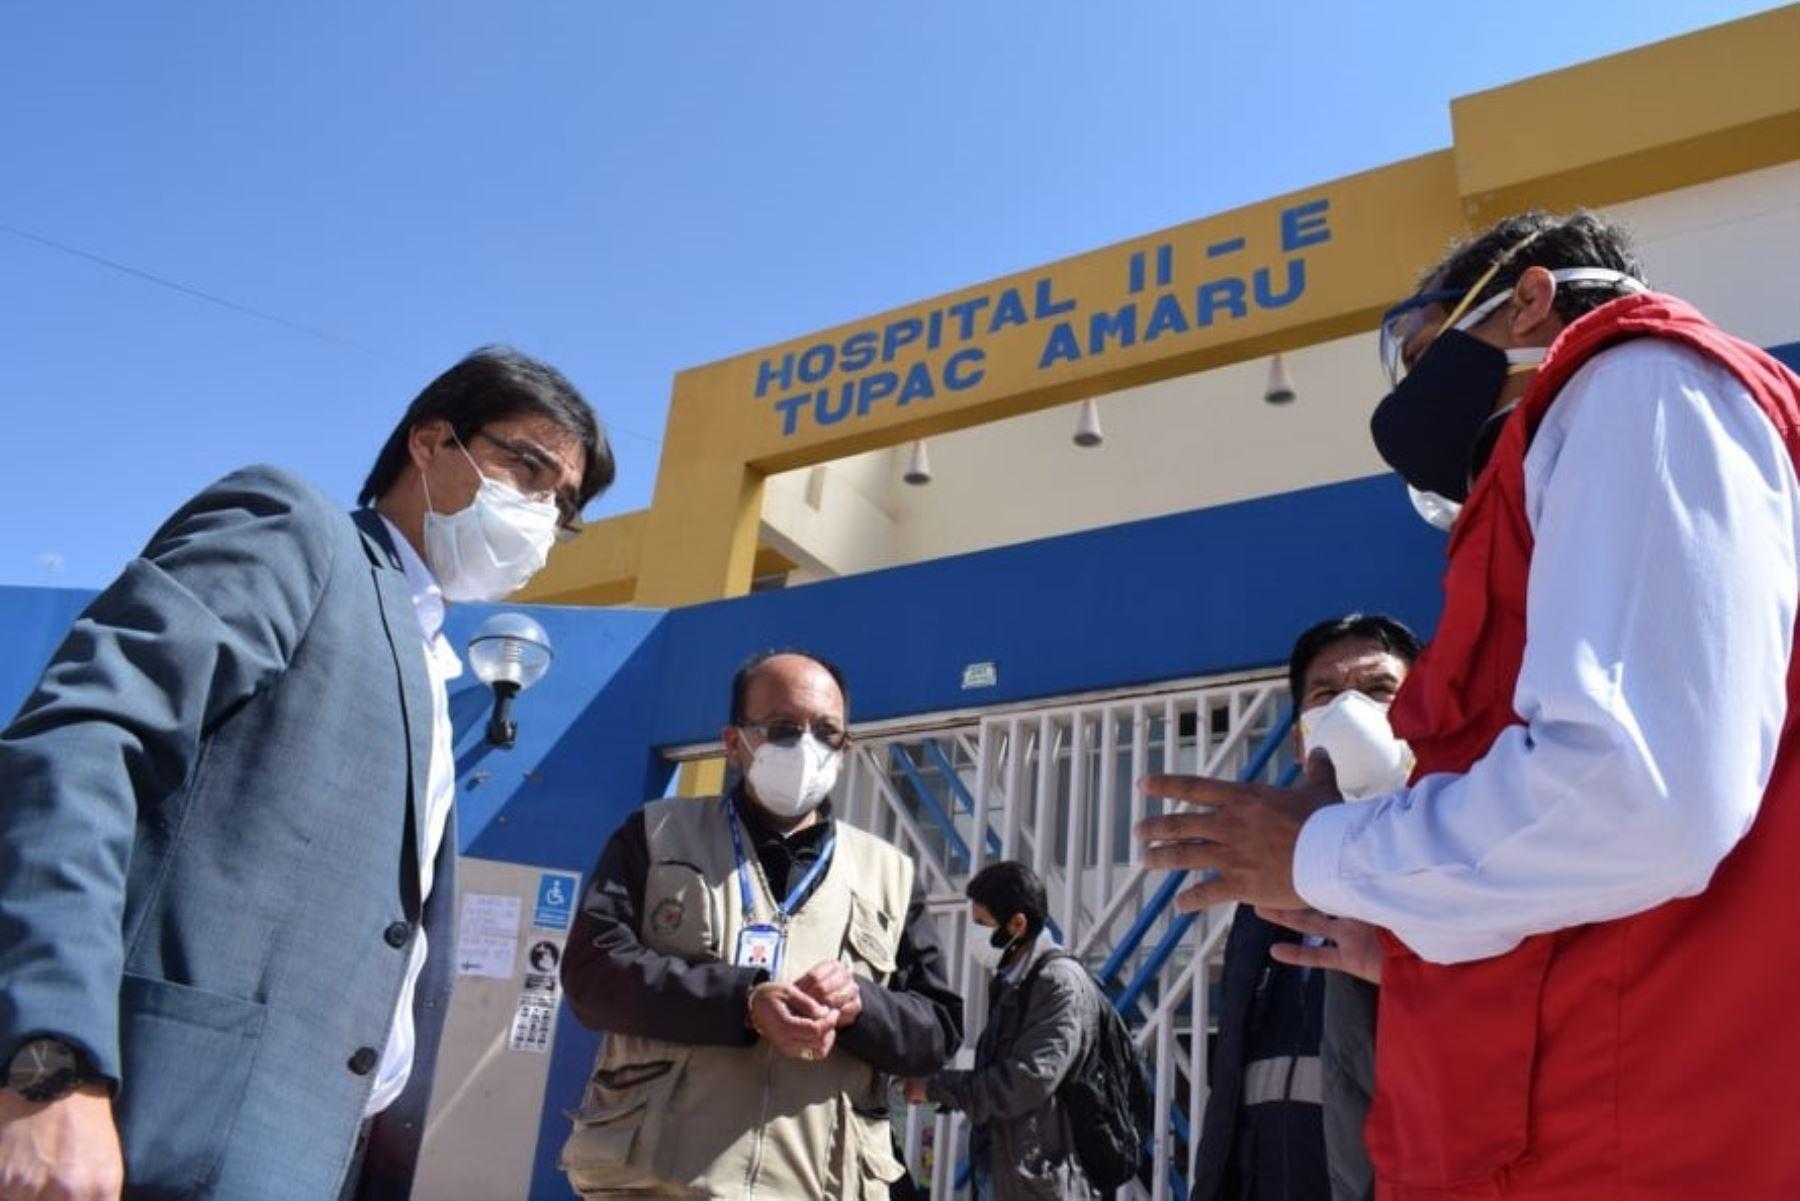 Gobernador regional del Cusco, Jean Paul Benavente, y funcionarios de la Diresa inspeccionan instalaciones de salud que atienden pacientes covid-19. ANDINA/Difusión